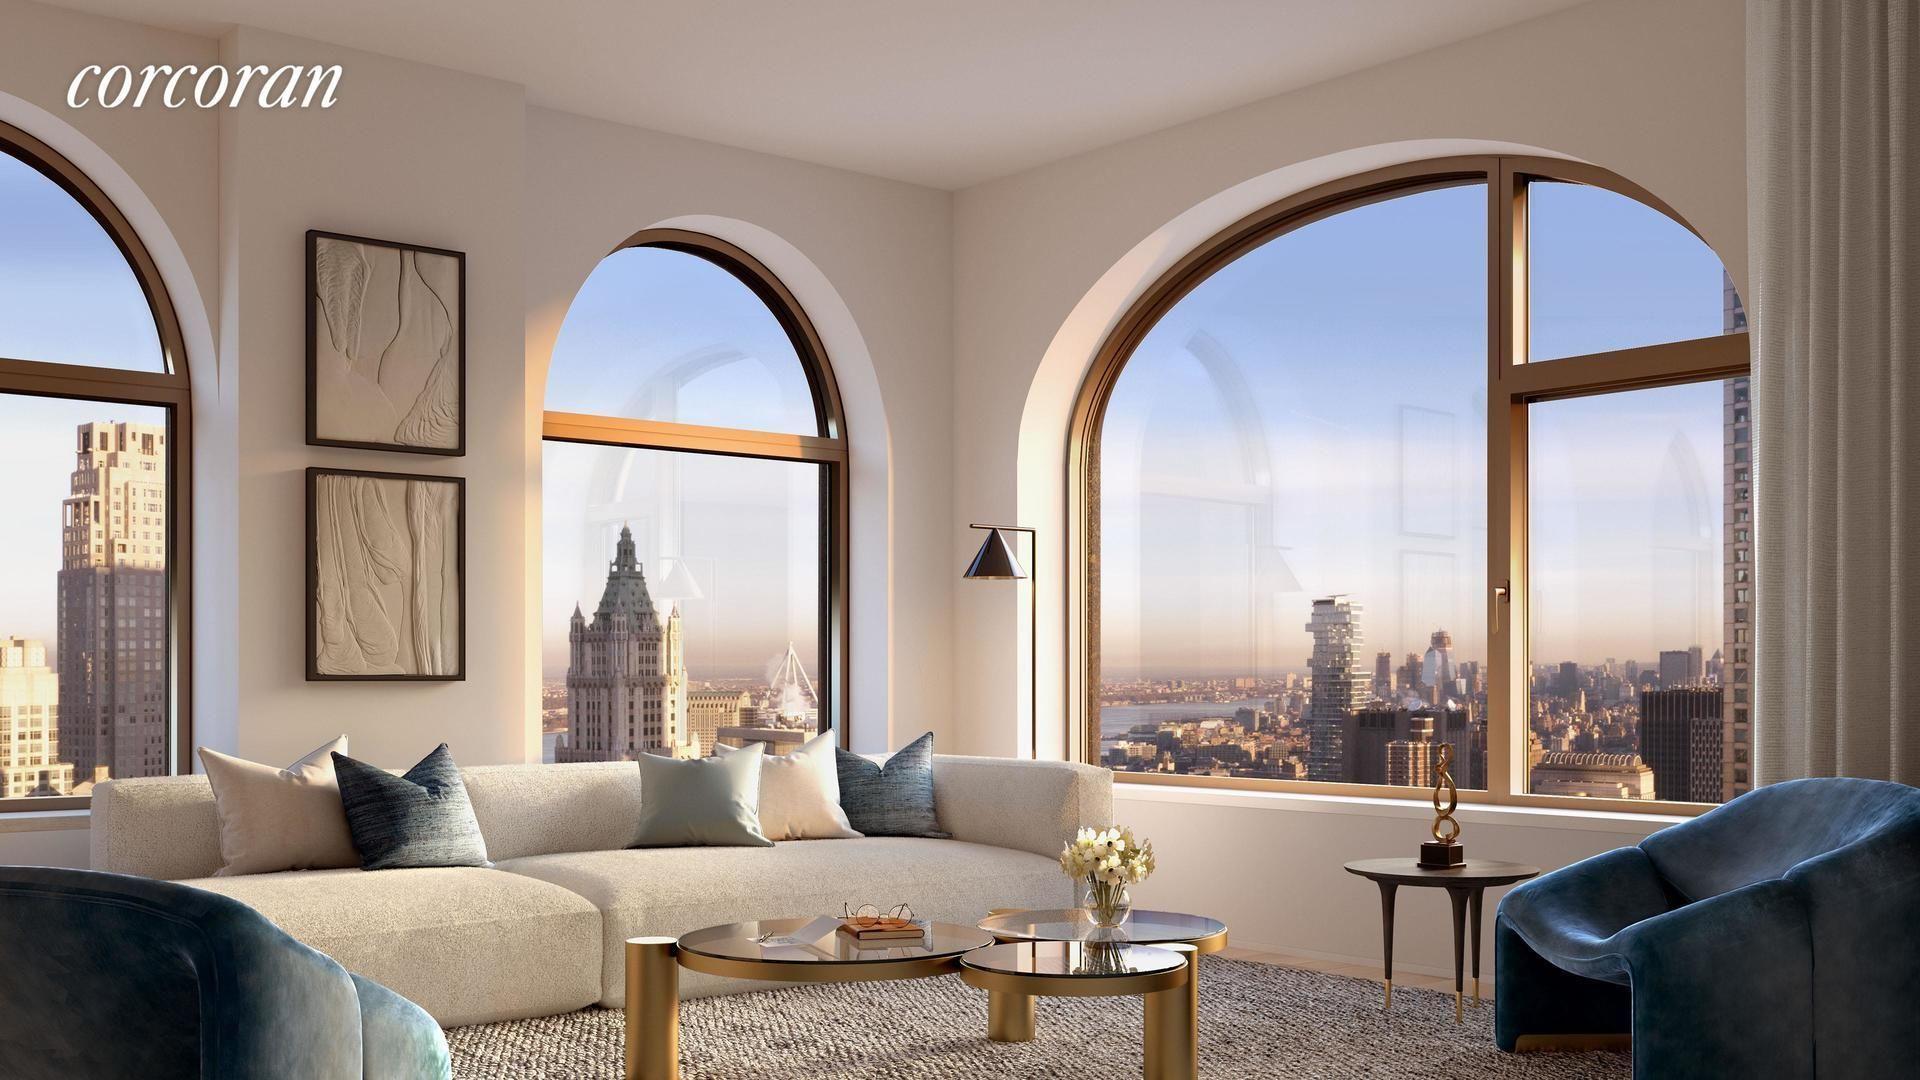 Apartment for sale at 130 William Street, Apt 38C